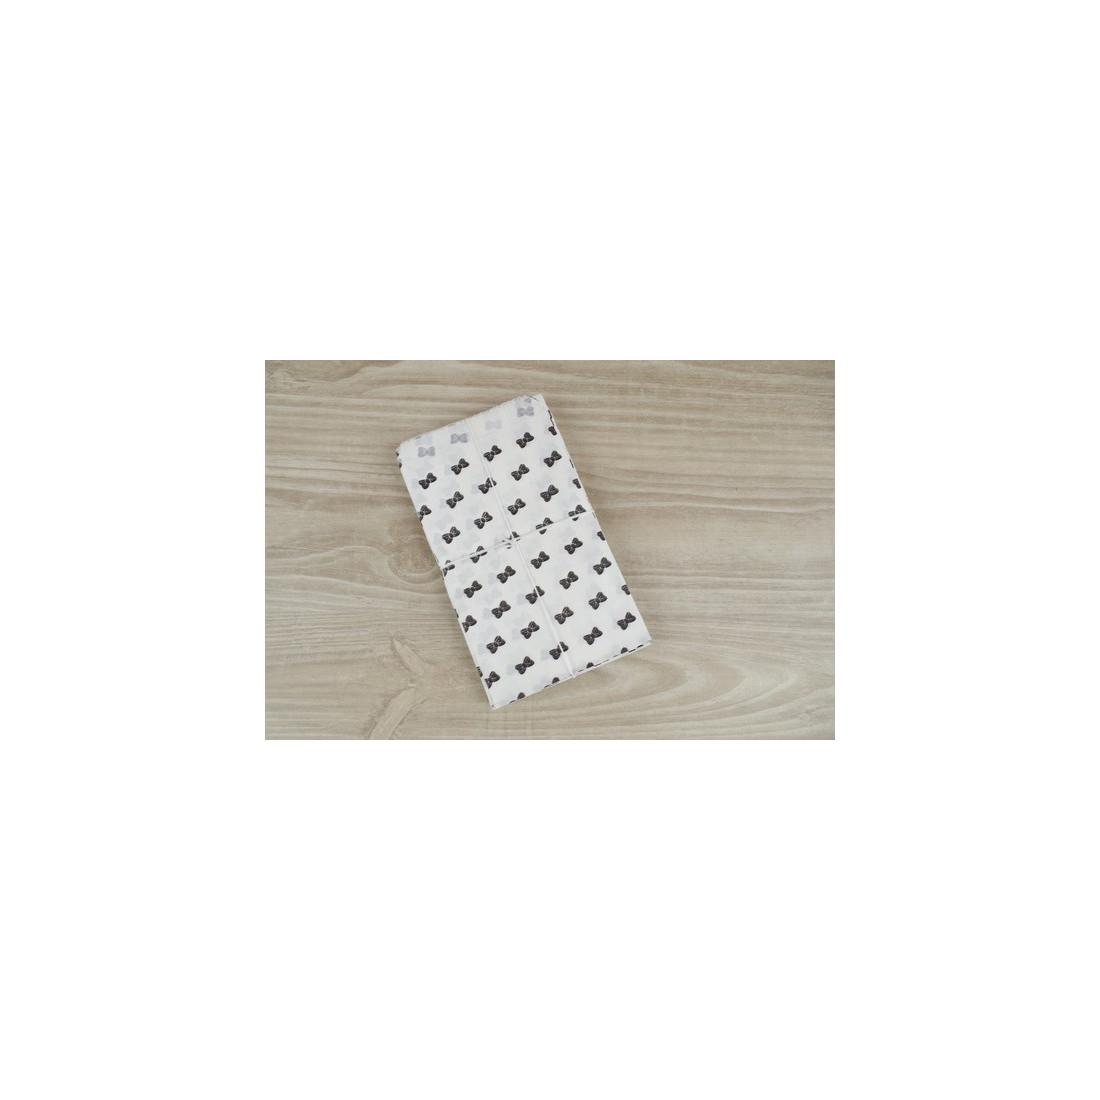 sachets cadeaux noeud noir lot de 10 pochettes en papier blanc 9 x15 cm pour bijoux dragees. Black Bedroom Furniture Sets. Home Design Ideas